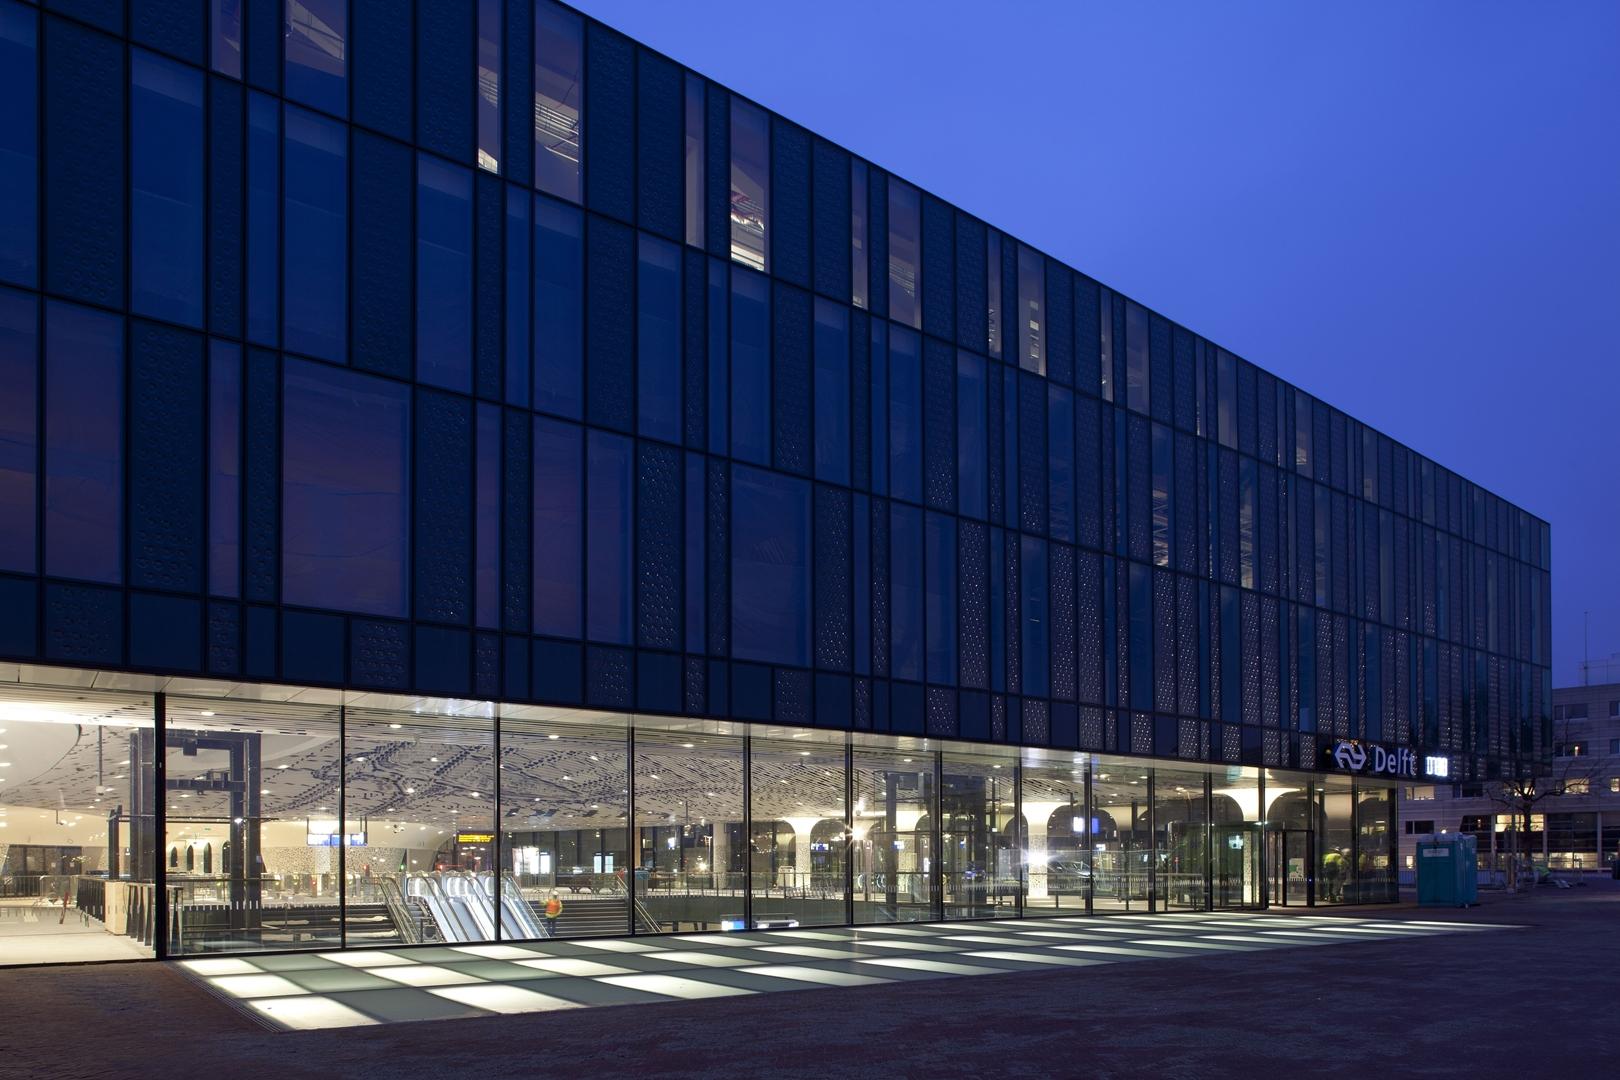 Foto Mecanoo_Stationshal Delft_10 (Copy)